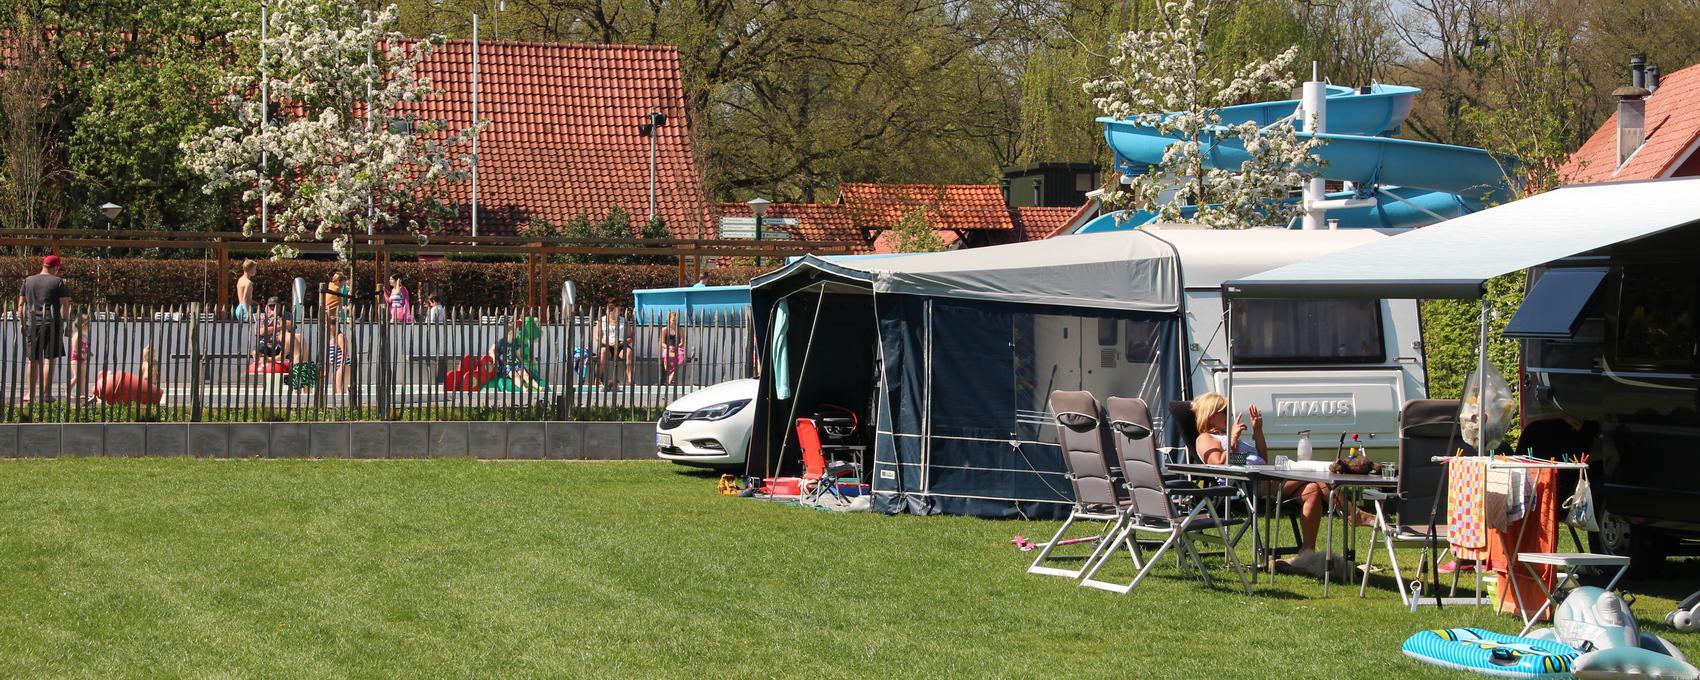 Camping Comfortplaats